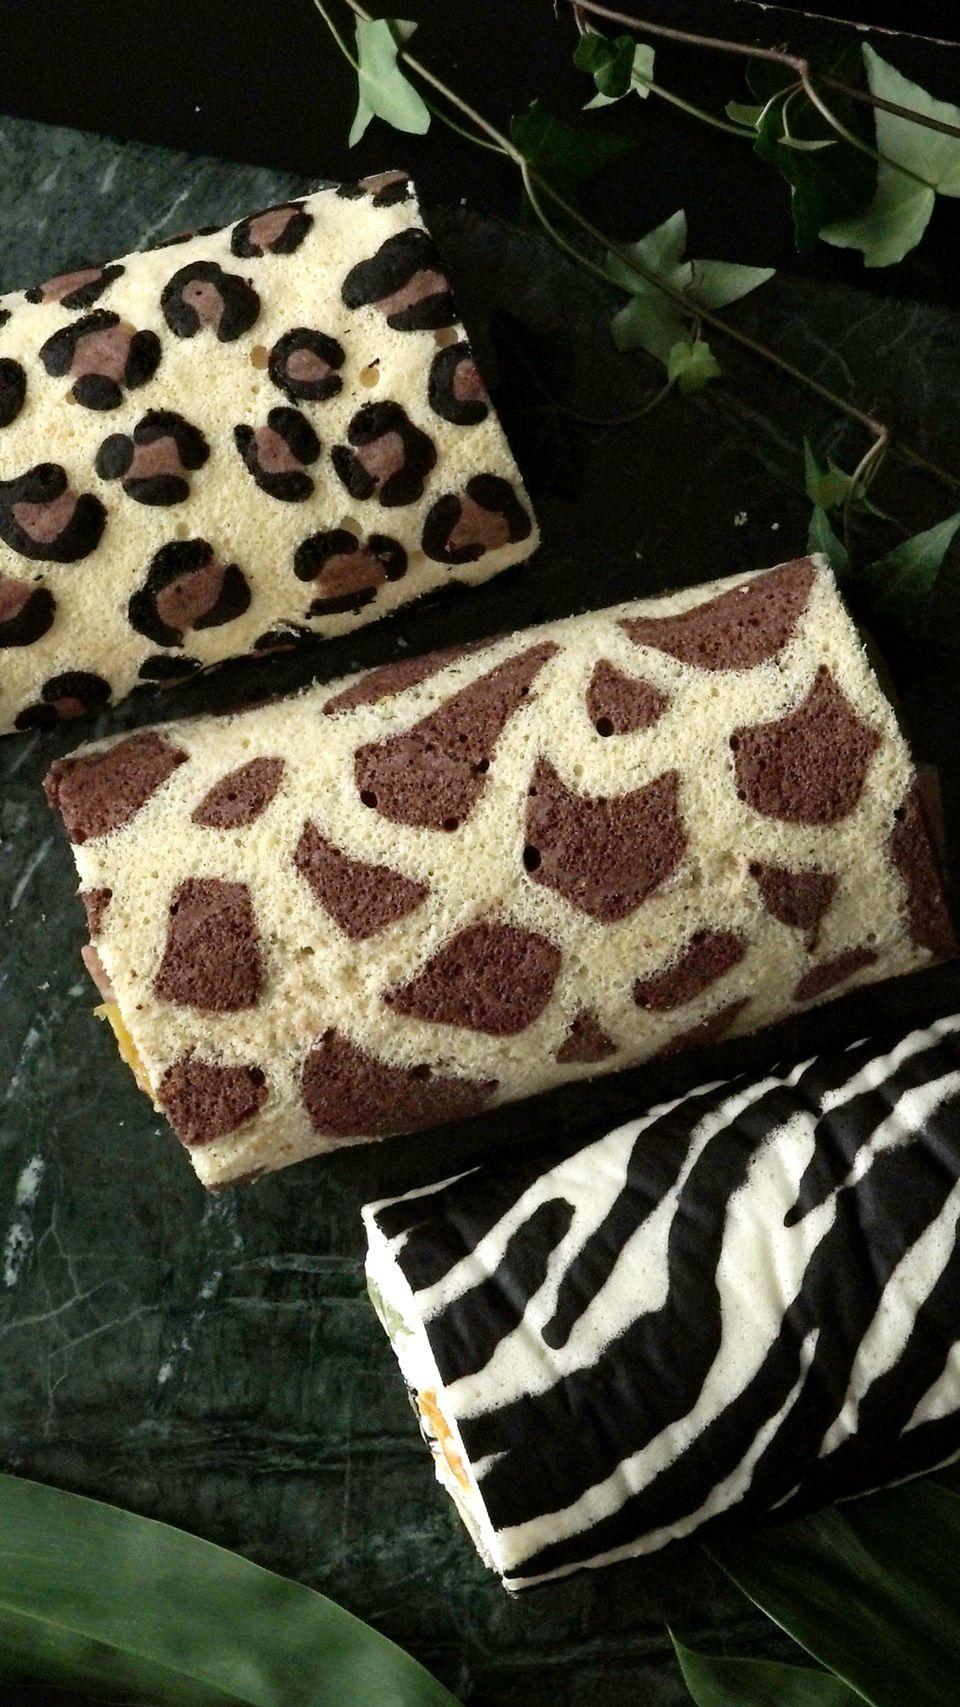 Wild Roll Cakes Opskrift Med Billeder Fodselsdagskage Ideer Kage Fodselsdagskage